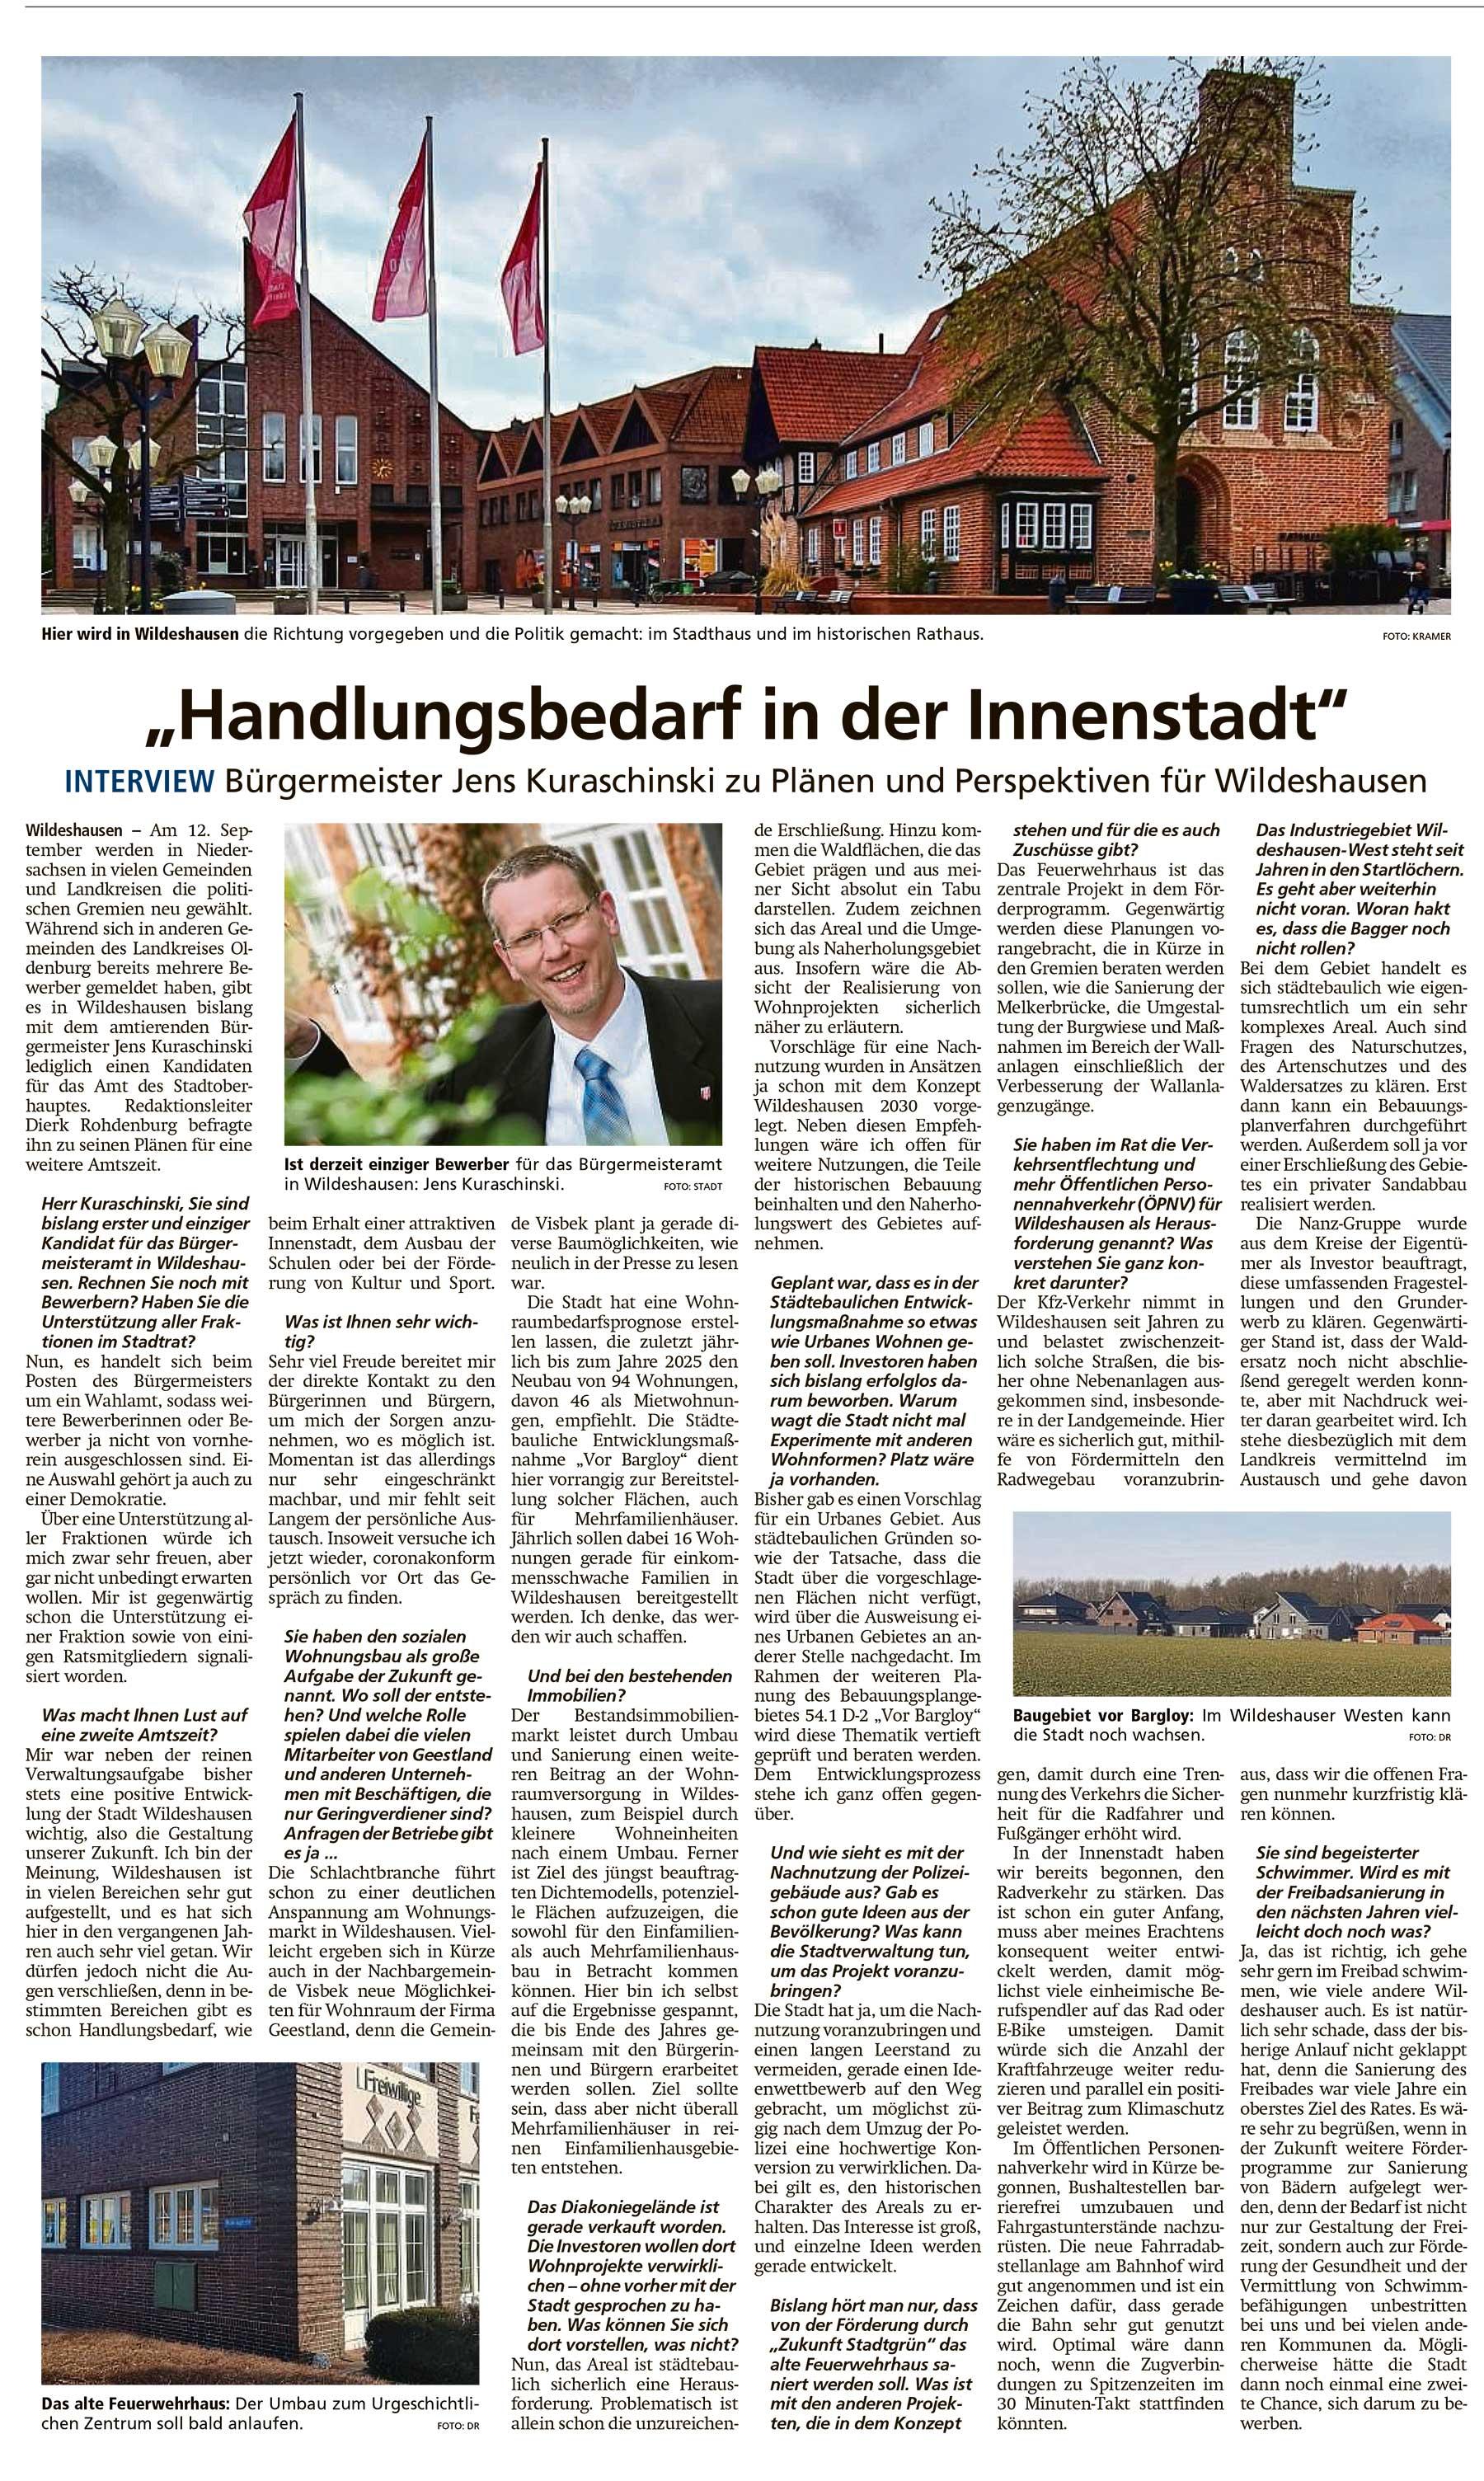 'Handlungsbedarf in der Innenstadt'Interview: Bürgermeister Jens Kuraschinski zu Plänen und Perspektiven für WildeshausenArtikel vom 27.04.2021 (WZ)